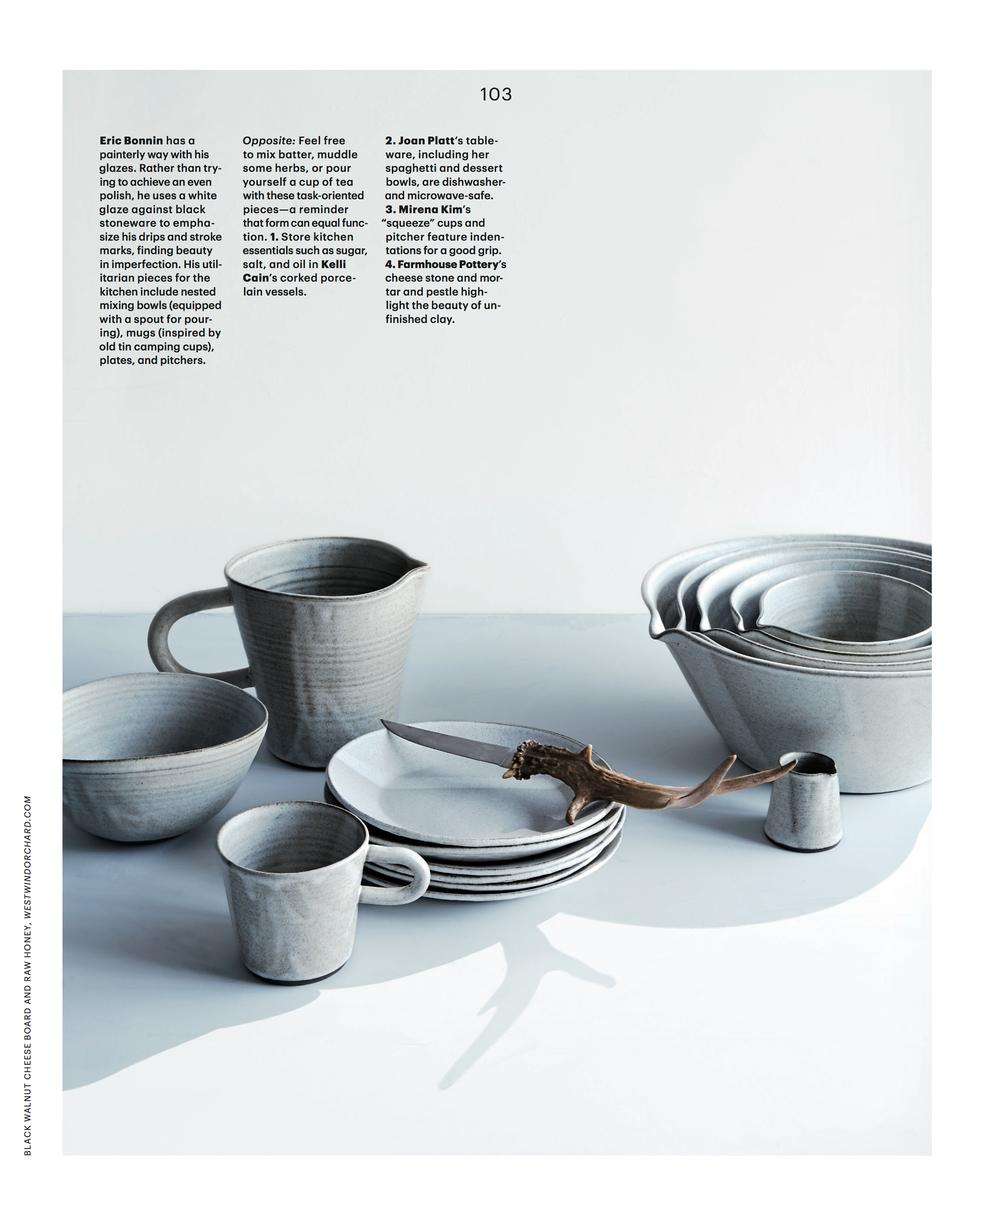 103_Ceramics_L0614WELDFR.jpg